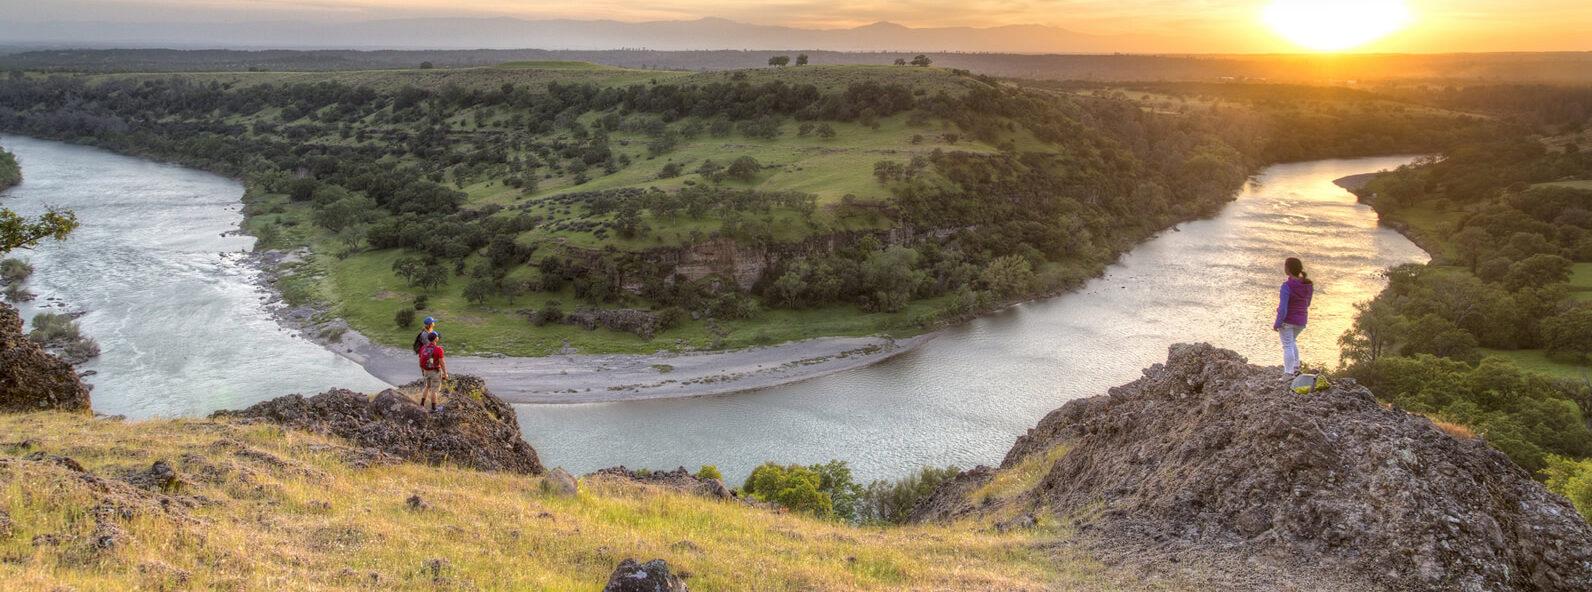 Sacramento Recreational River, California | Photo by Bob Wick, BLM